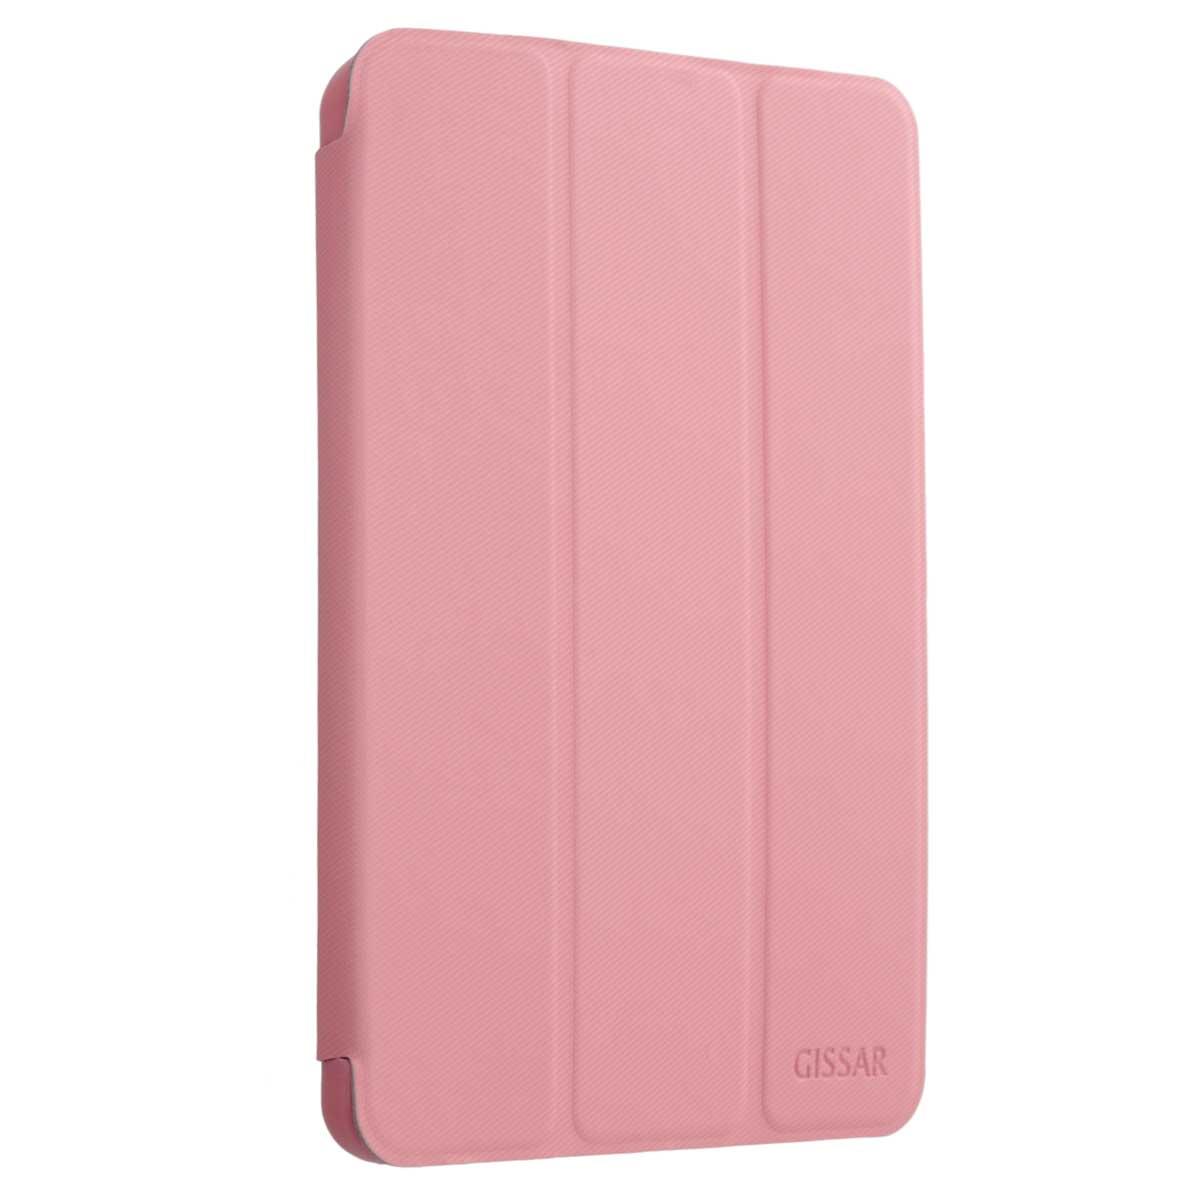 Gissar Twill чехол для Apple iPad mini 1/2/3, Pink26097Чехол Gissar Twill для iPad mini 1/2/3 предназначен для защиты корпуса планшета от механических повреждений и царапин в процессе эксплуатации. Имеет свободный доступ ко всем разъемам и кнопкам устройства.